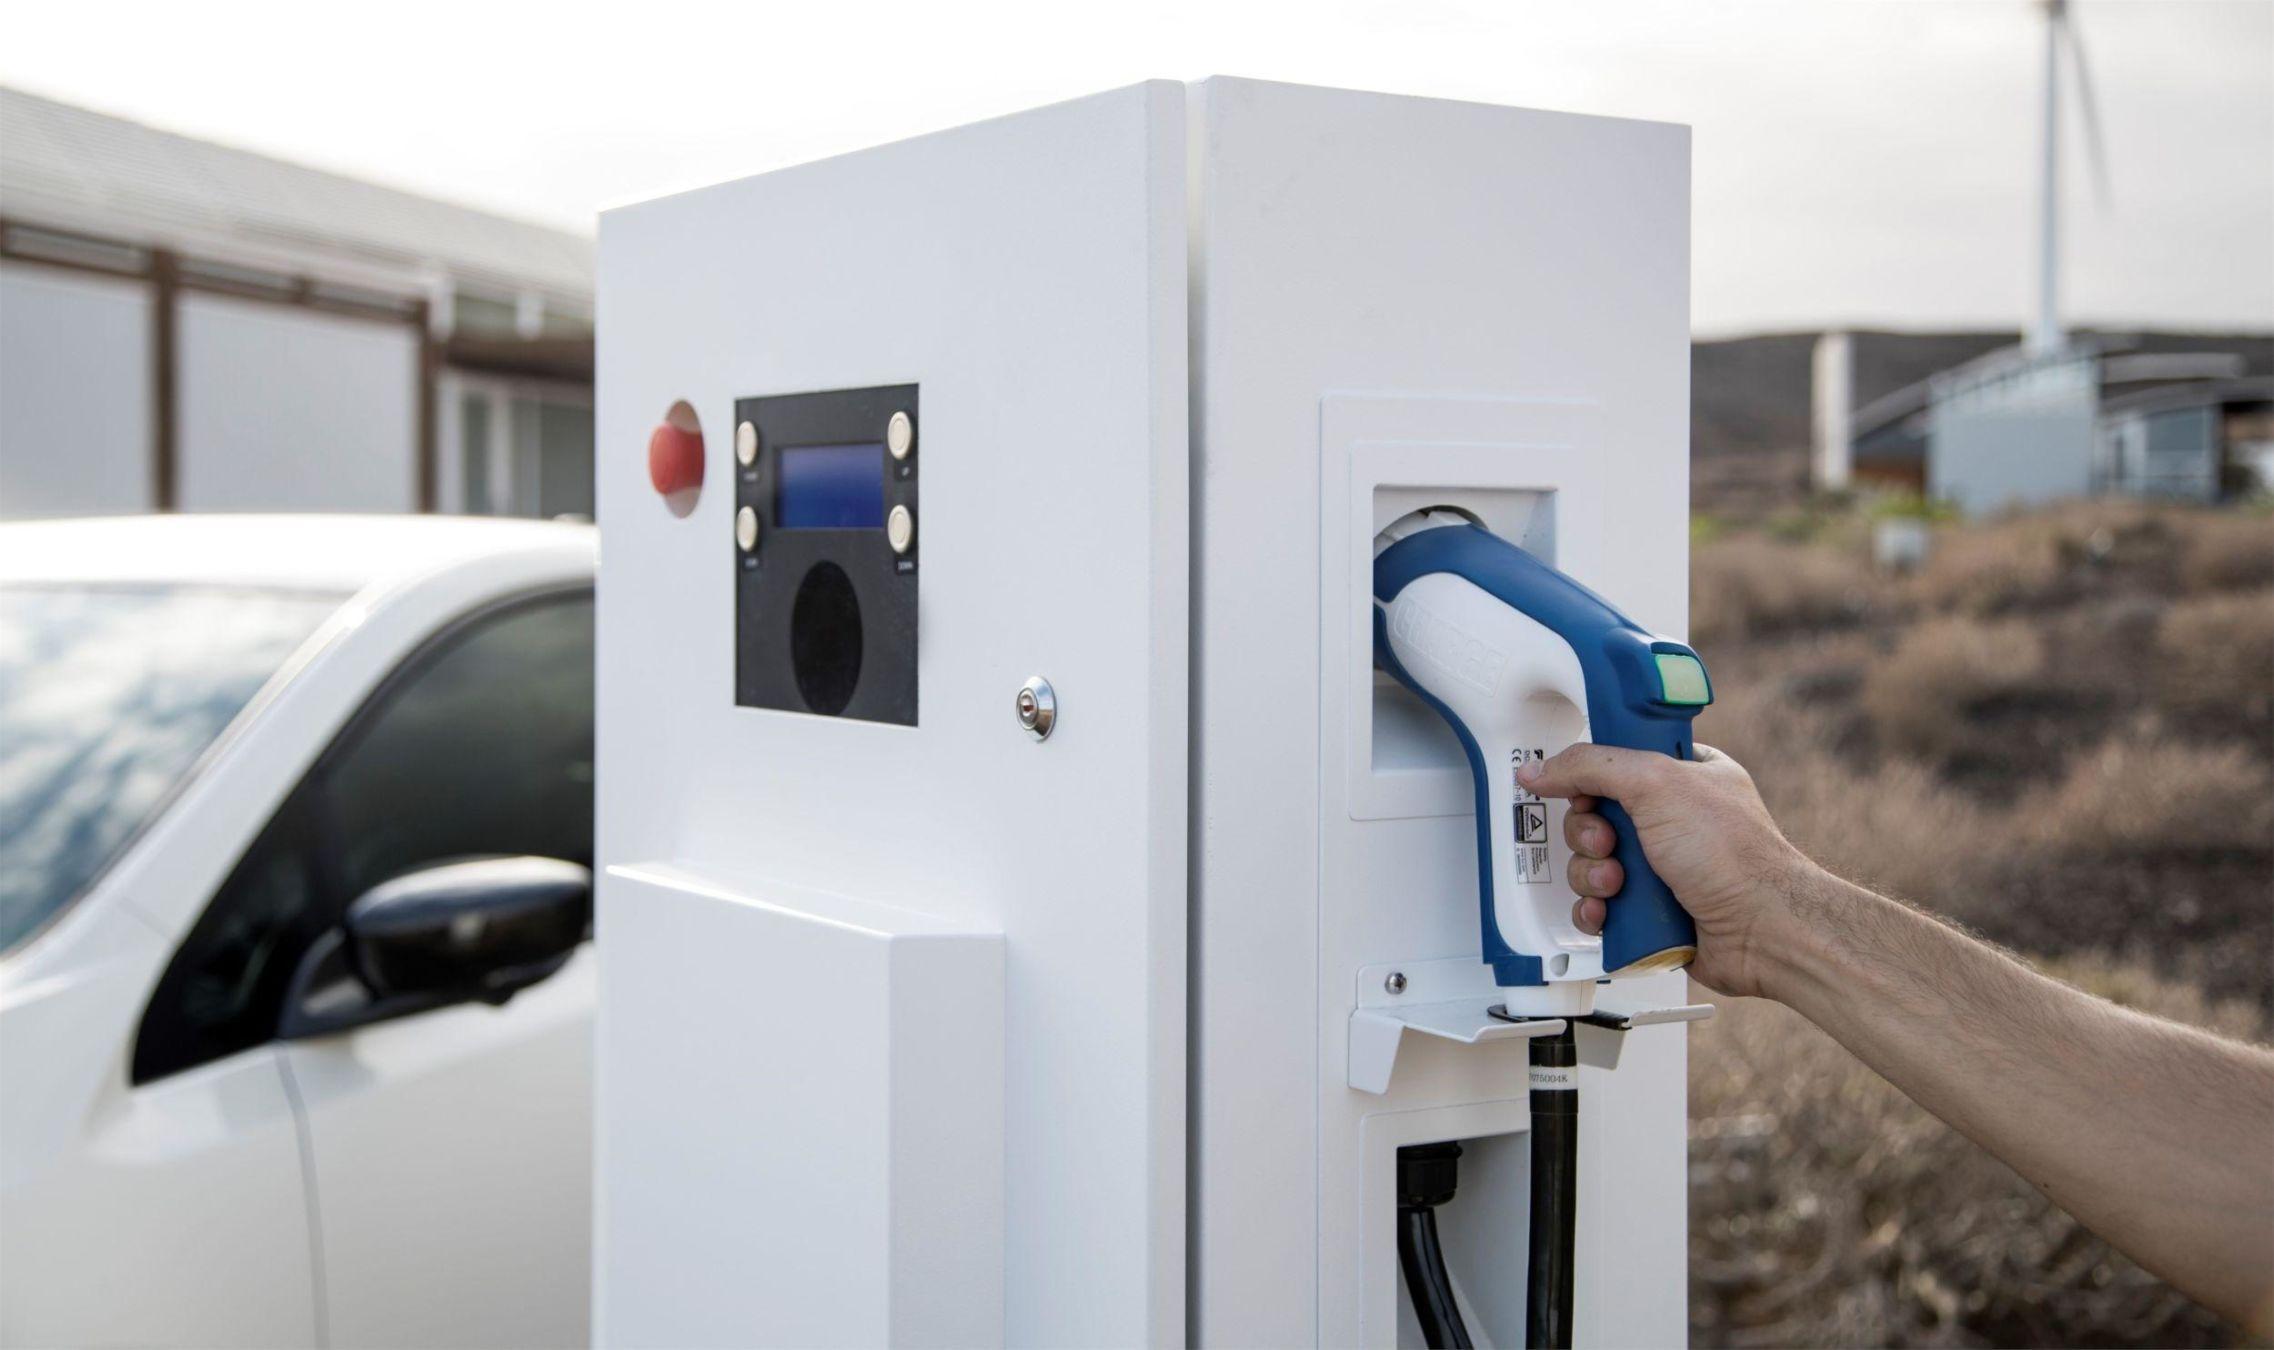 Borne de rechargé véhicule électrique Nissan